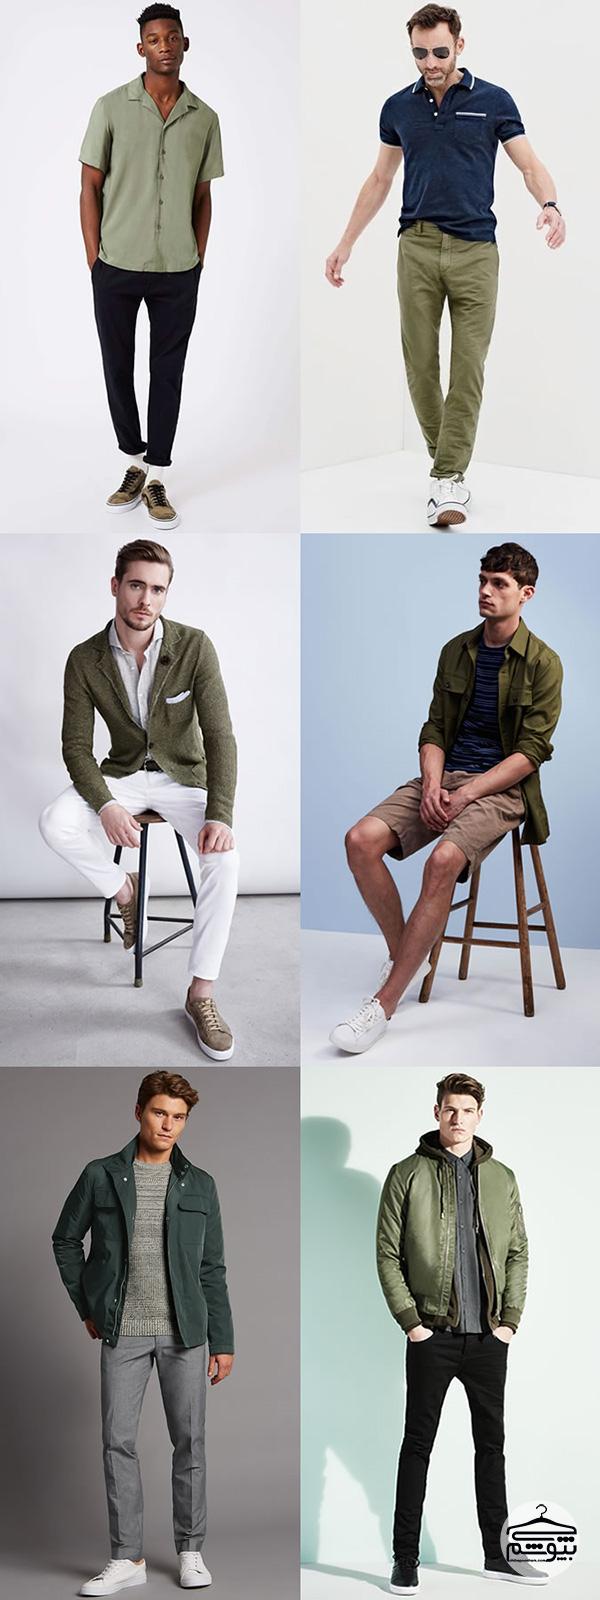 راهنمای انتخاب لباس مردانه از میان 6 رنگ دشوار